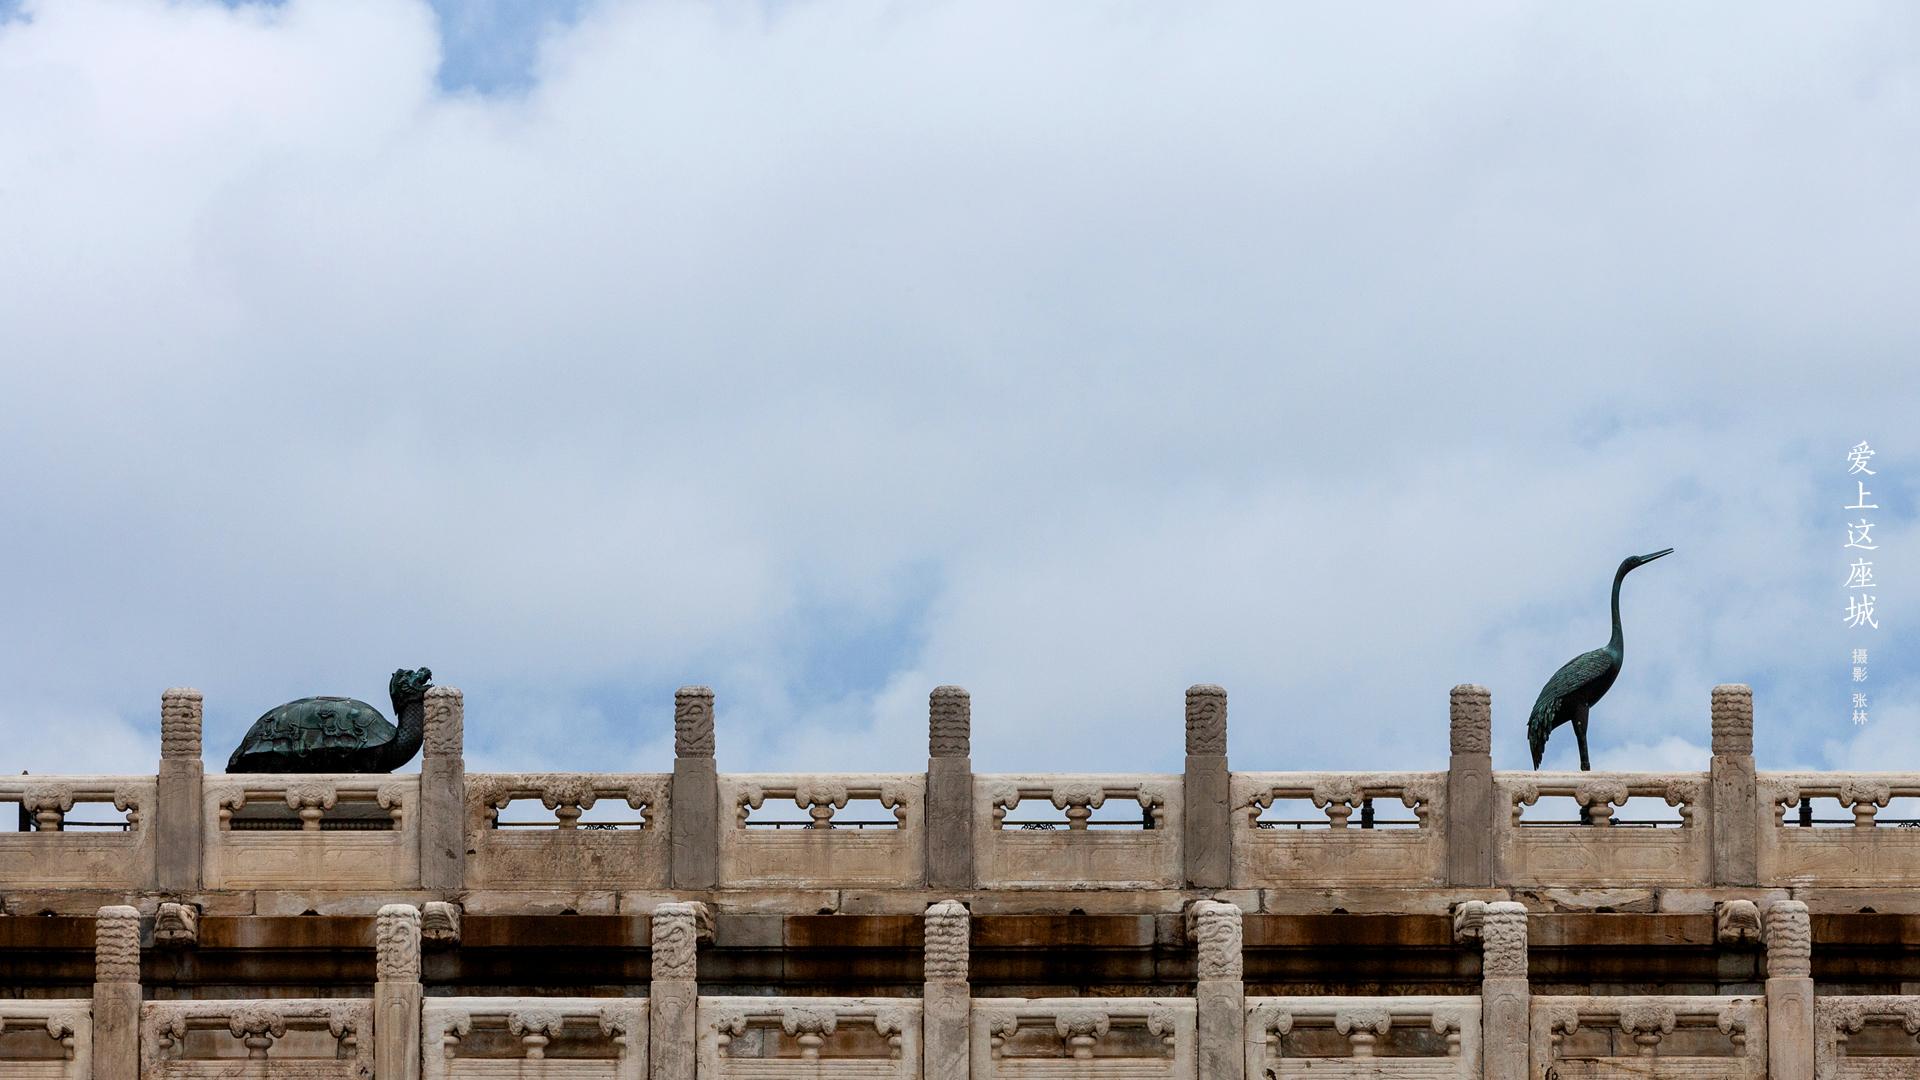 5fc528474cefc - 网站 | 故宫博物院壁纸地址